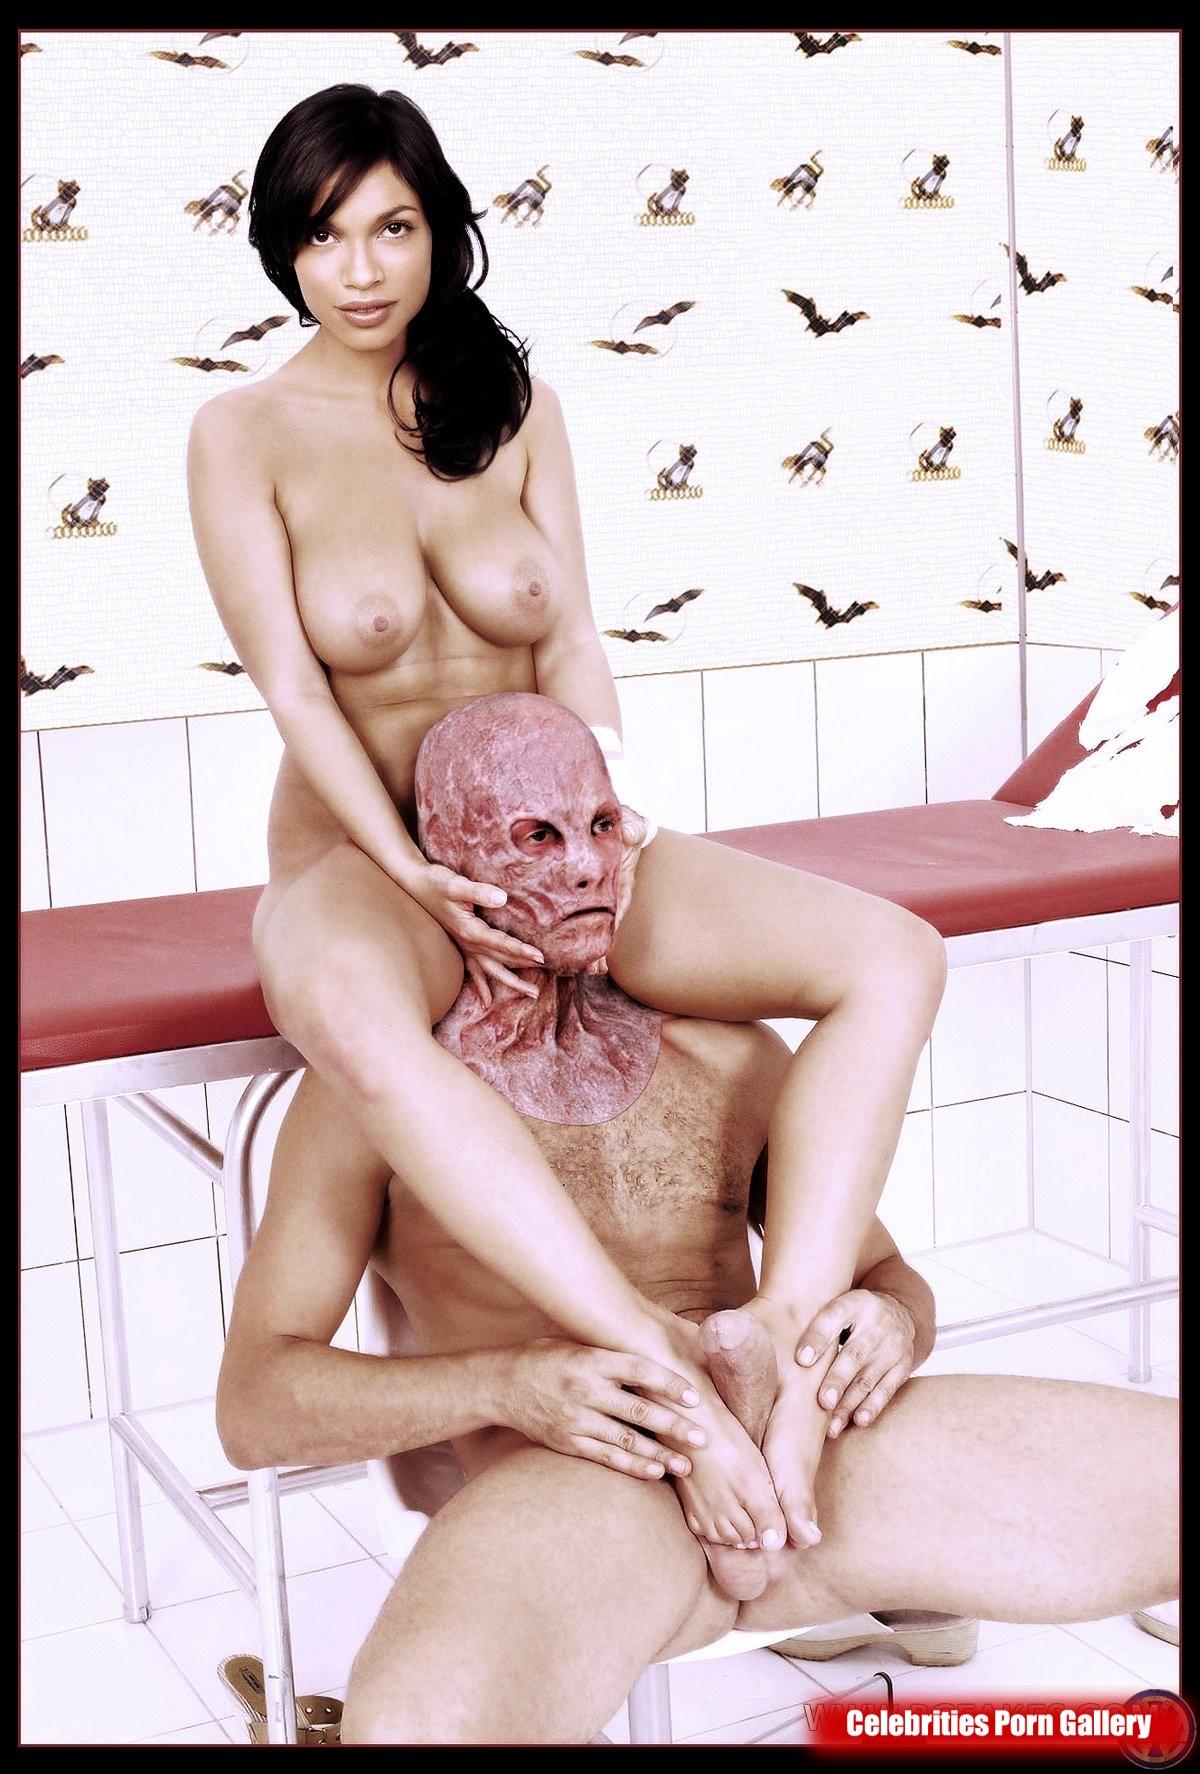 Rosario dawson full nude